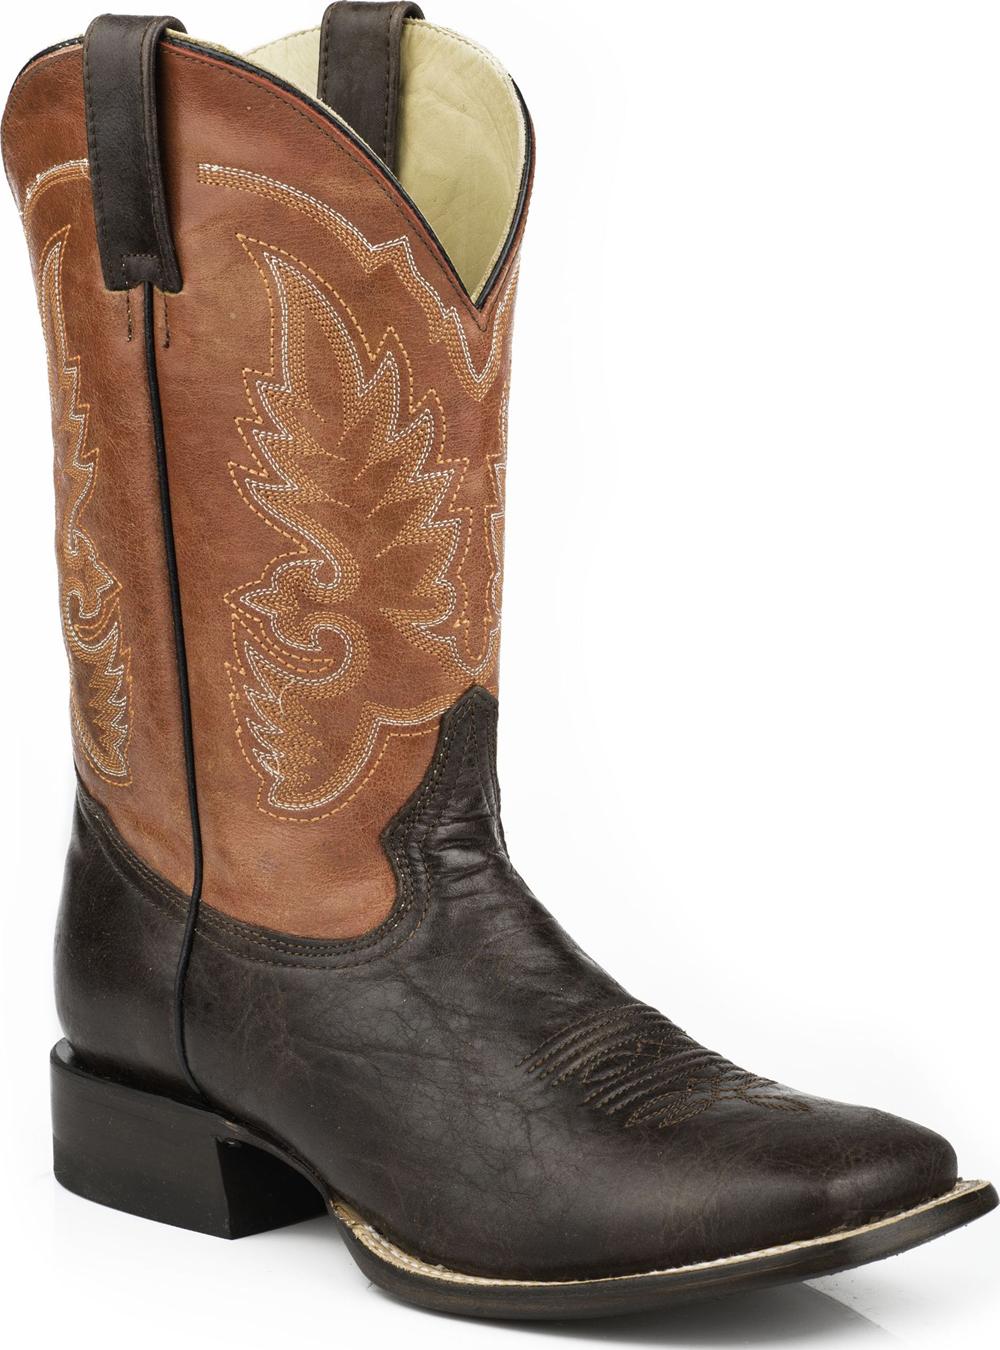 Stetson Men's Western Cowboy Boots Square Toe 0668 Orange Wide (E,W) at Sears.com